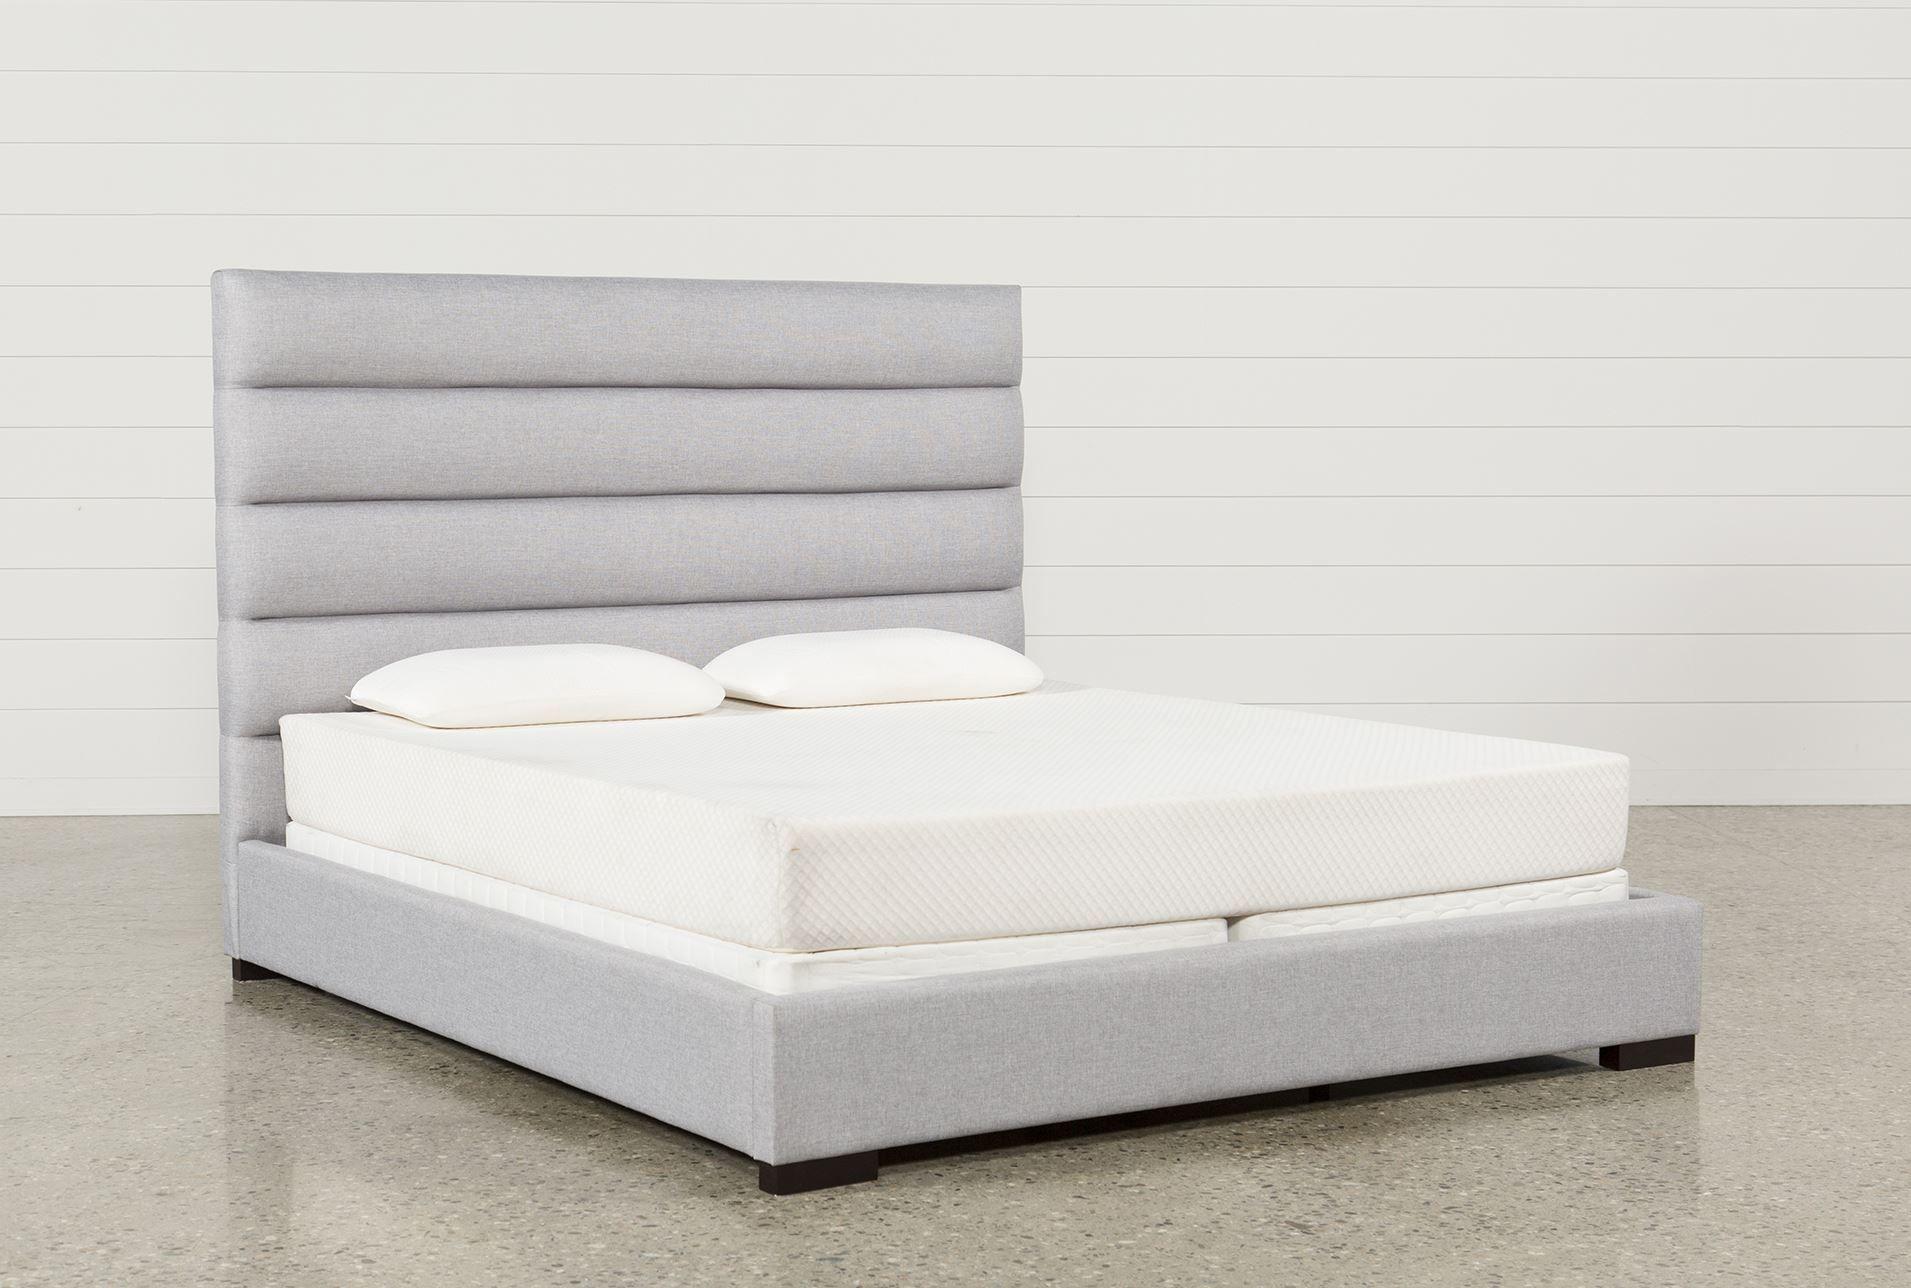 Hudson Eastern King Upholstered Platform Bed Signature Upholstered Platform Bed Queen Upholstered Bed Upholstered Panel Bed